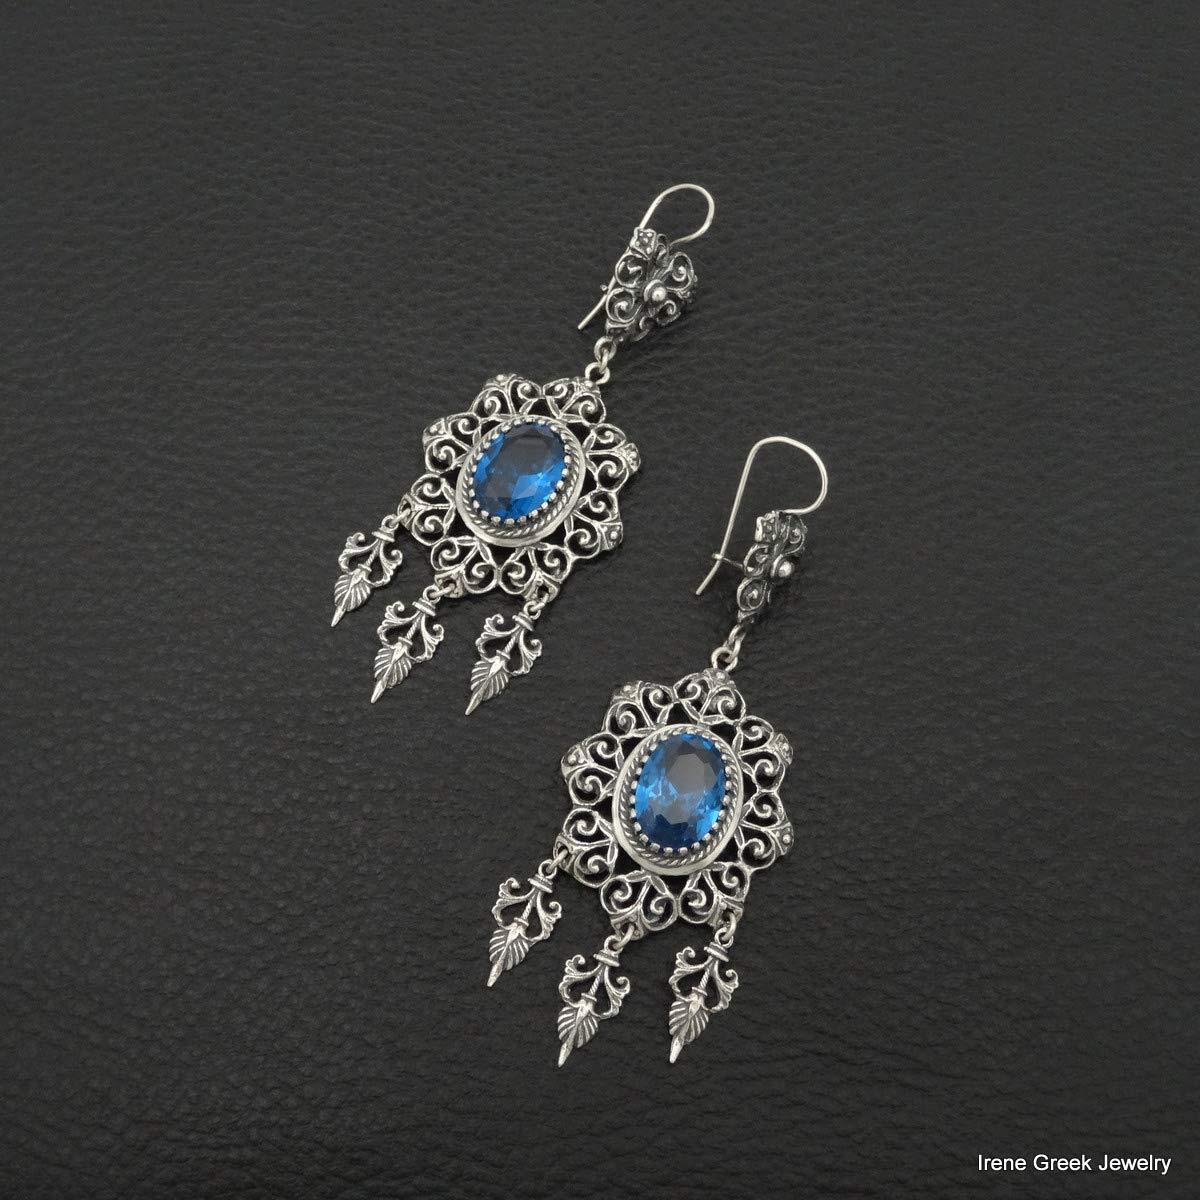 Blue Topaz Cz Earrings Filigree Style 925 Sterling Silver Greek Handmade Art Big Luxury